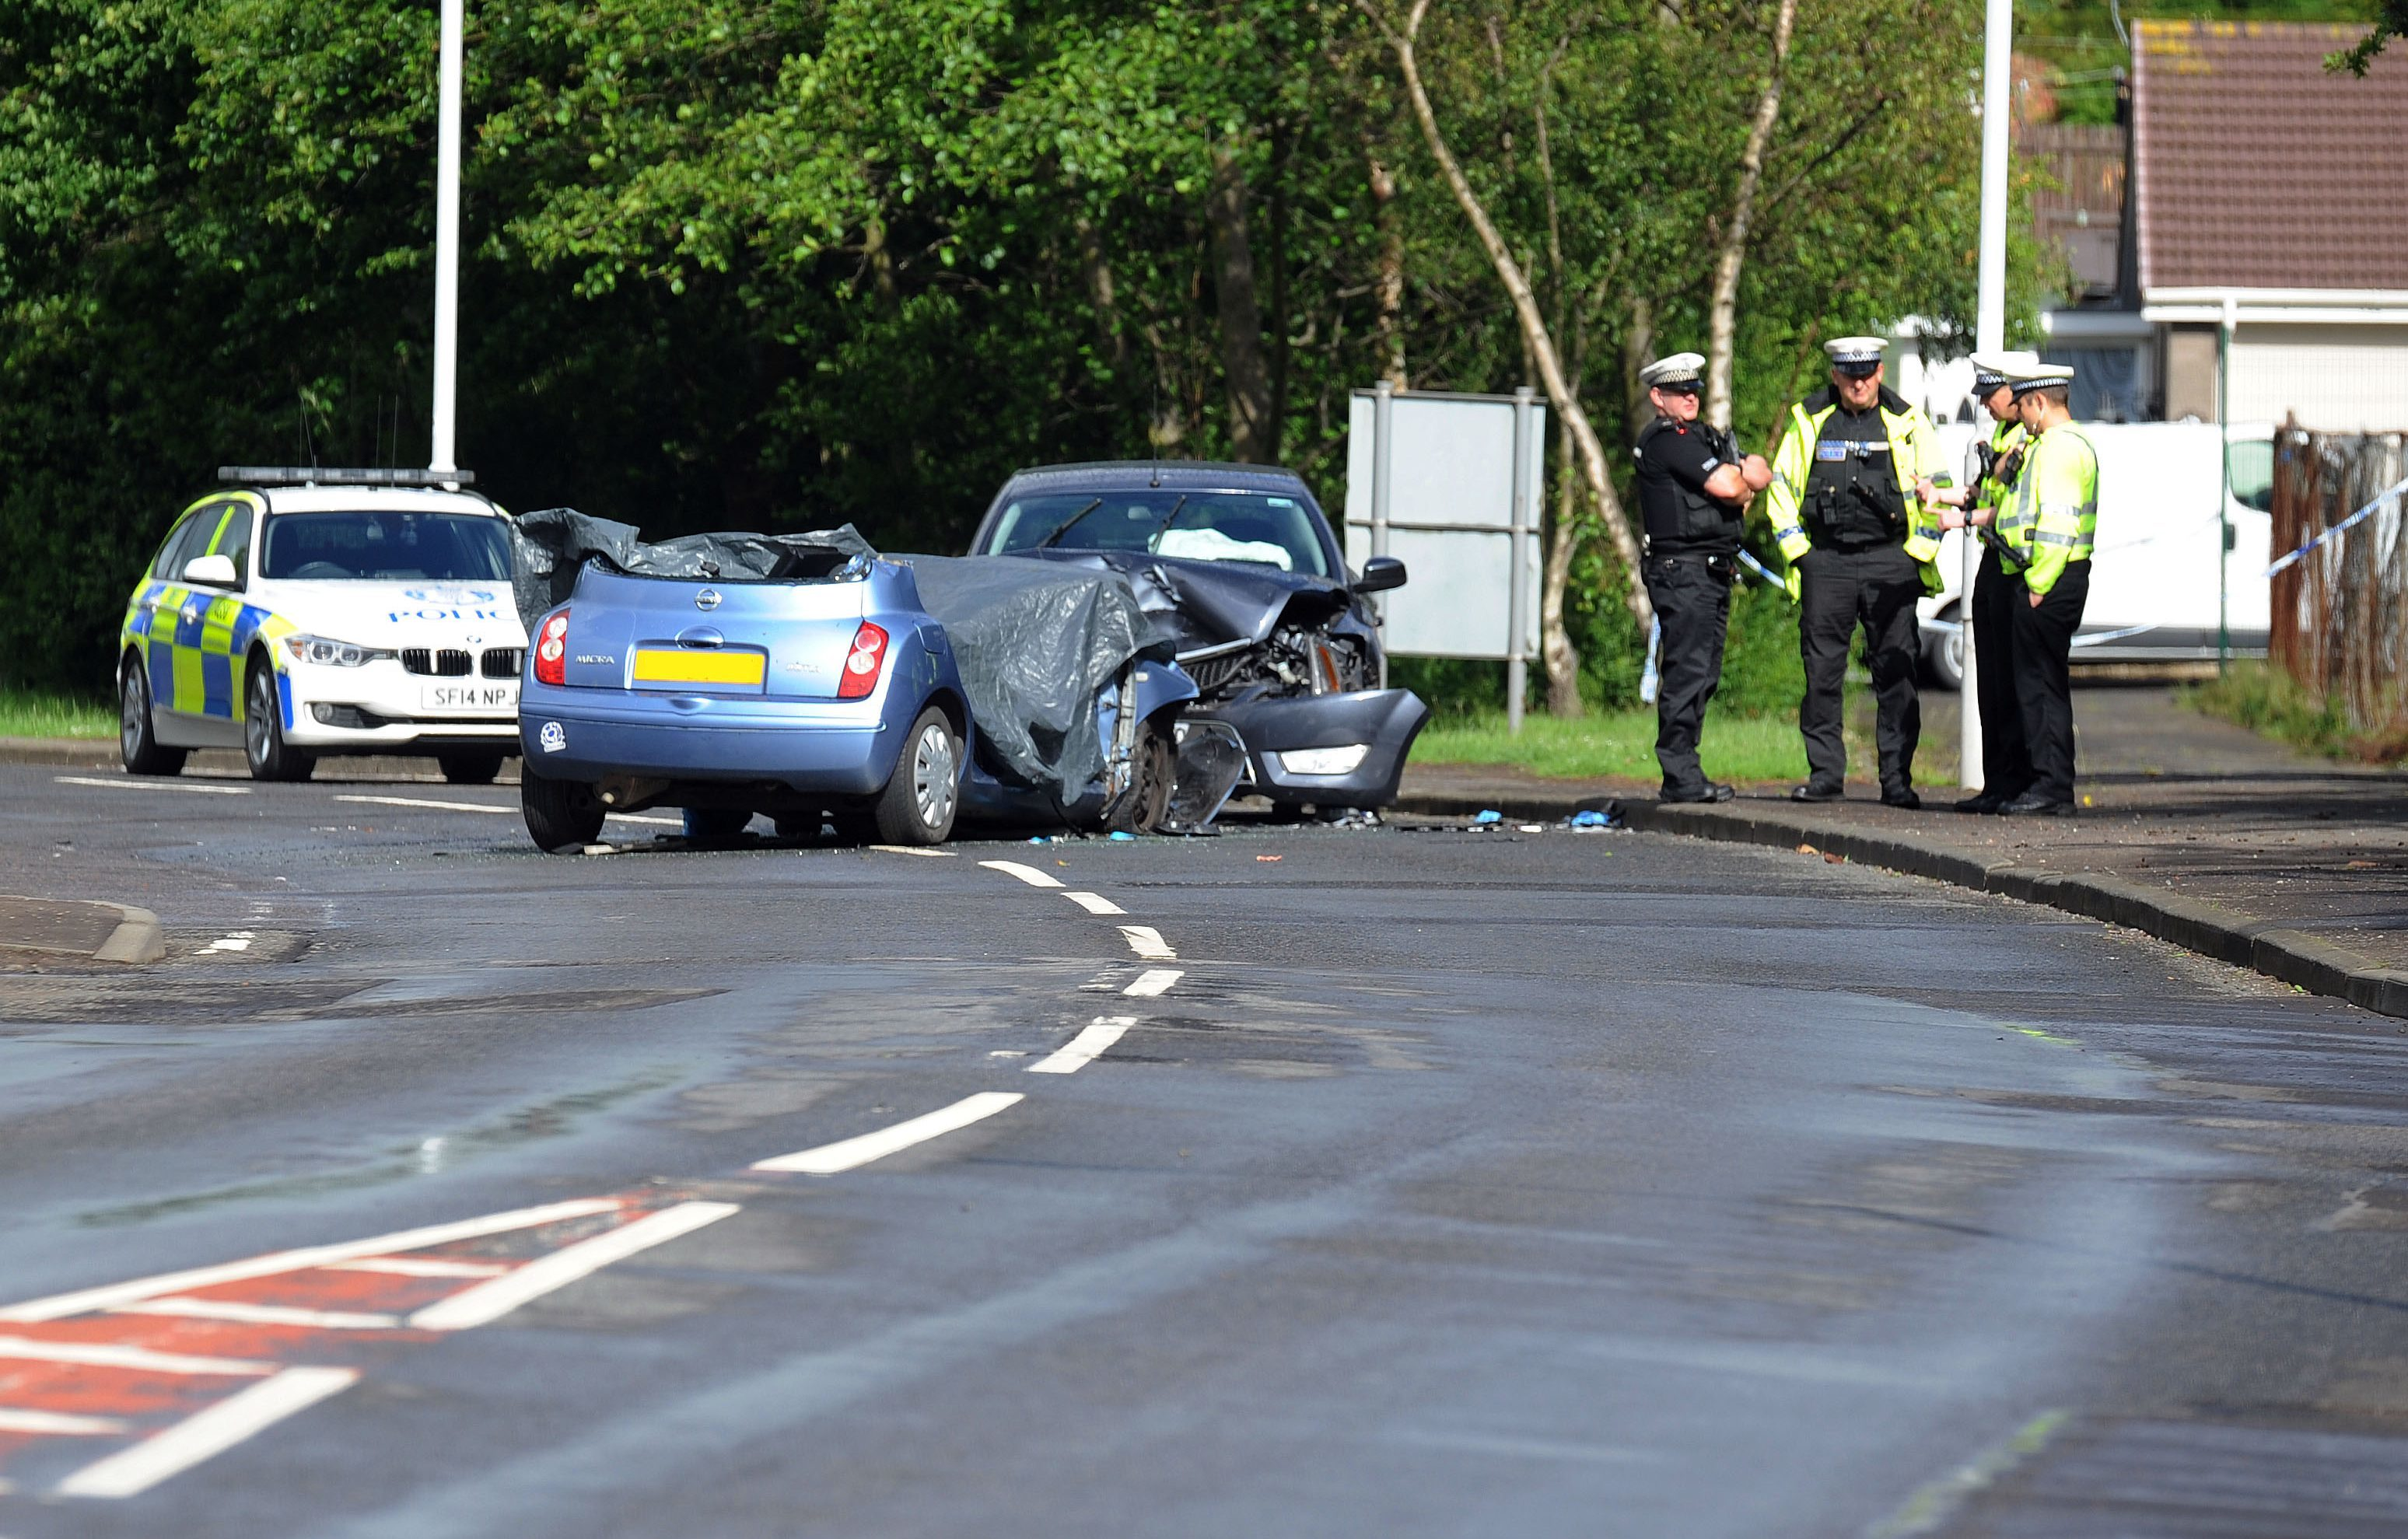 The scene of the crash in Oakley.